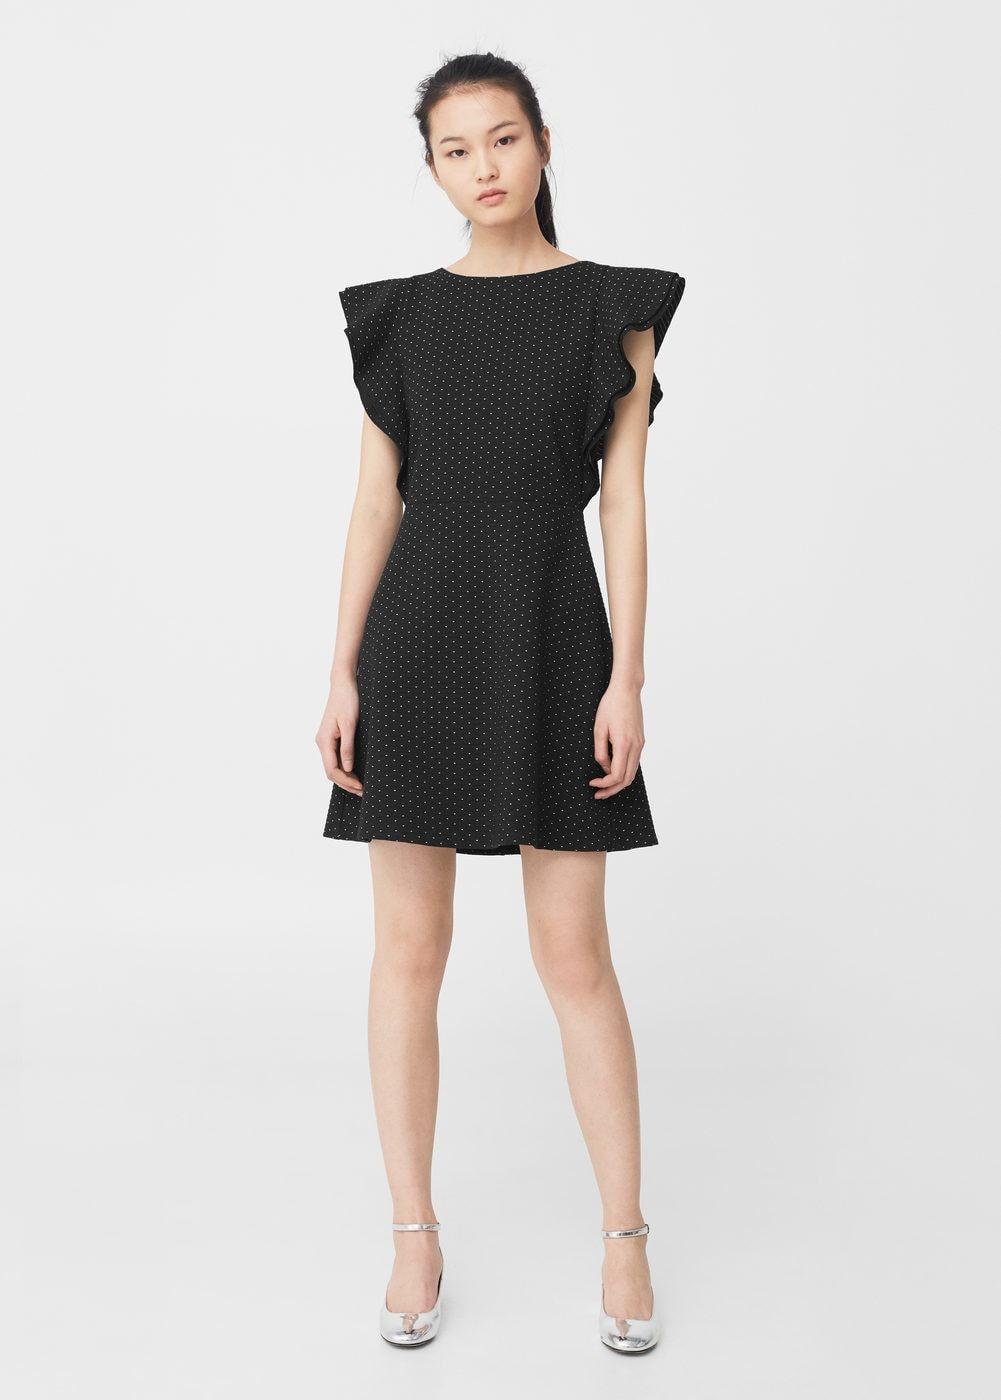 Strukturiertes Kleid, Volantsaum | Fashion 2017 | Pinterest ...